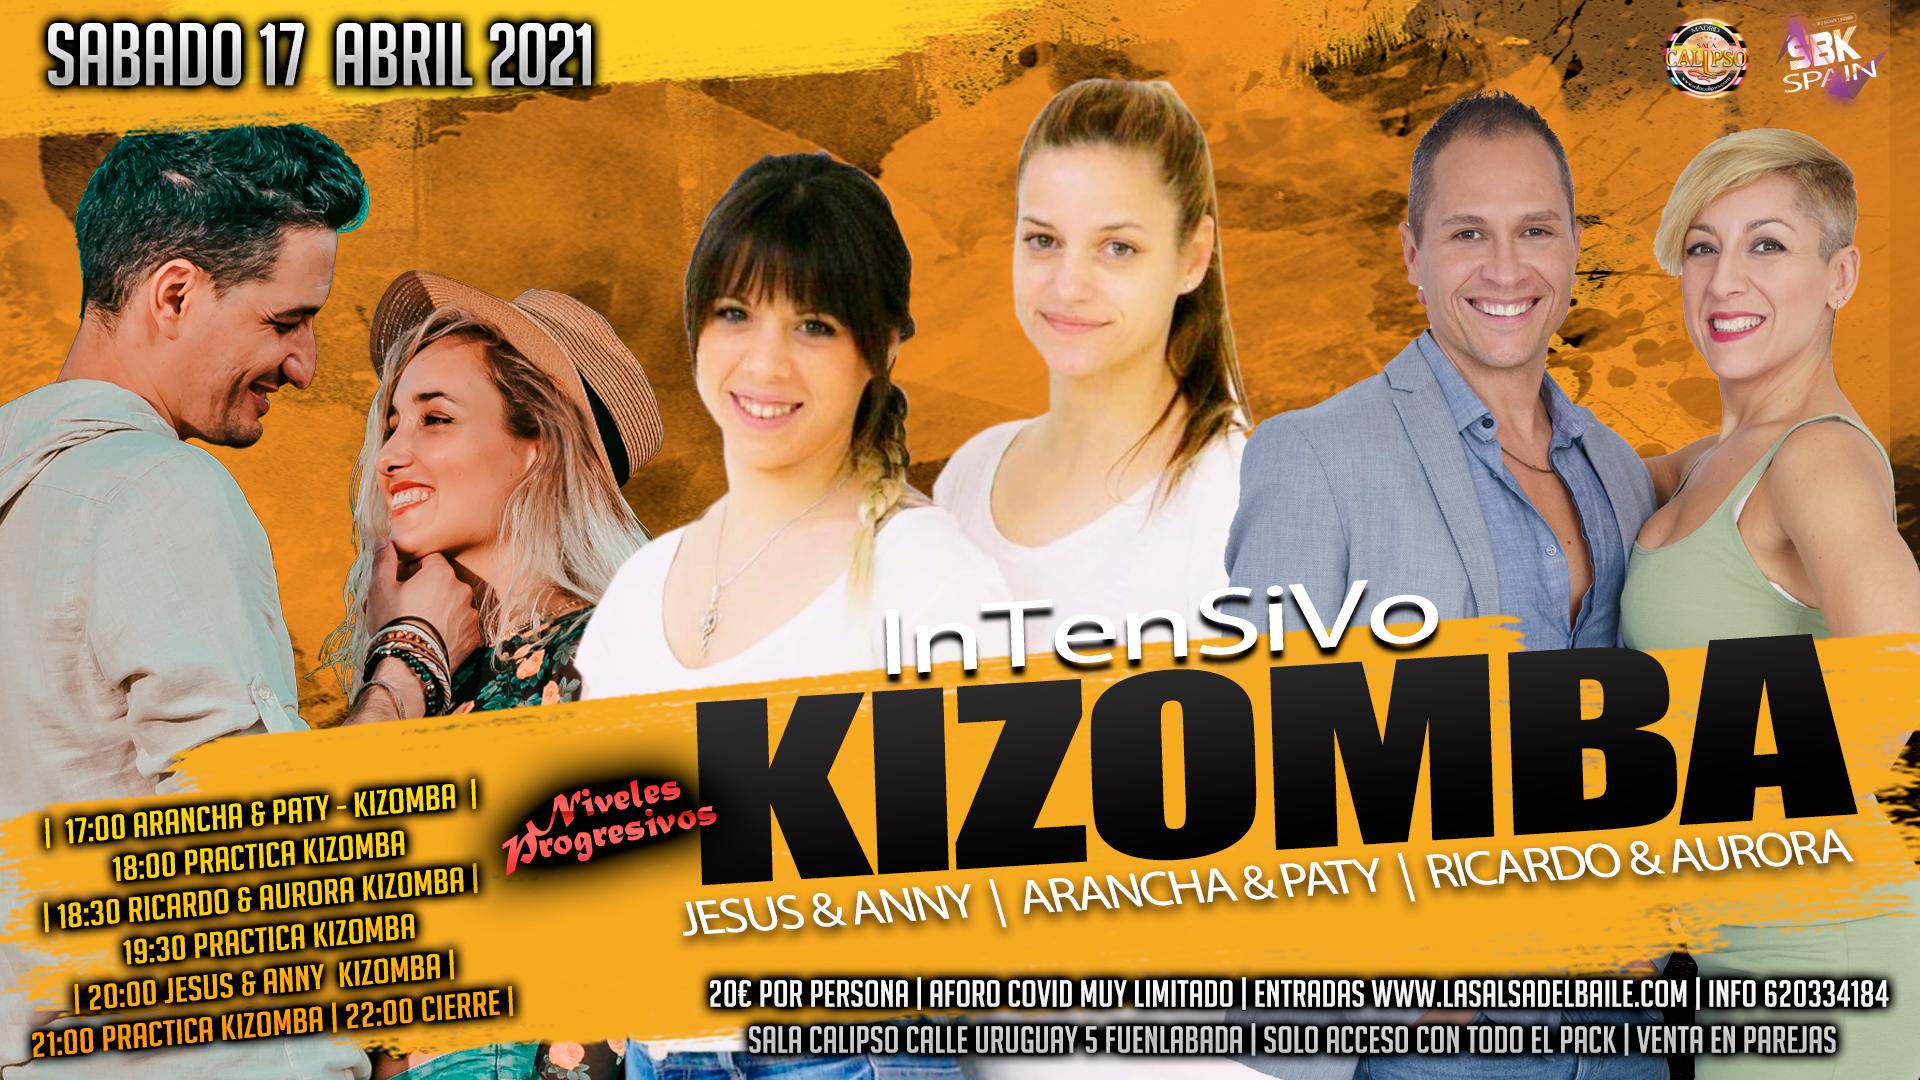 Intensivo Kizomba  - Sabado 17 Abril 2021